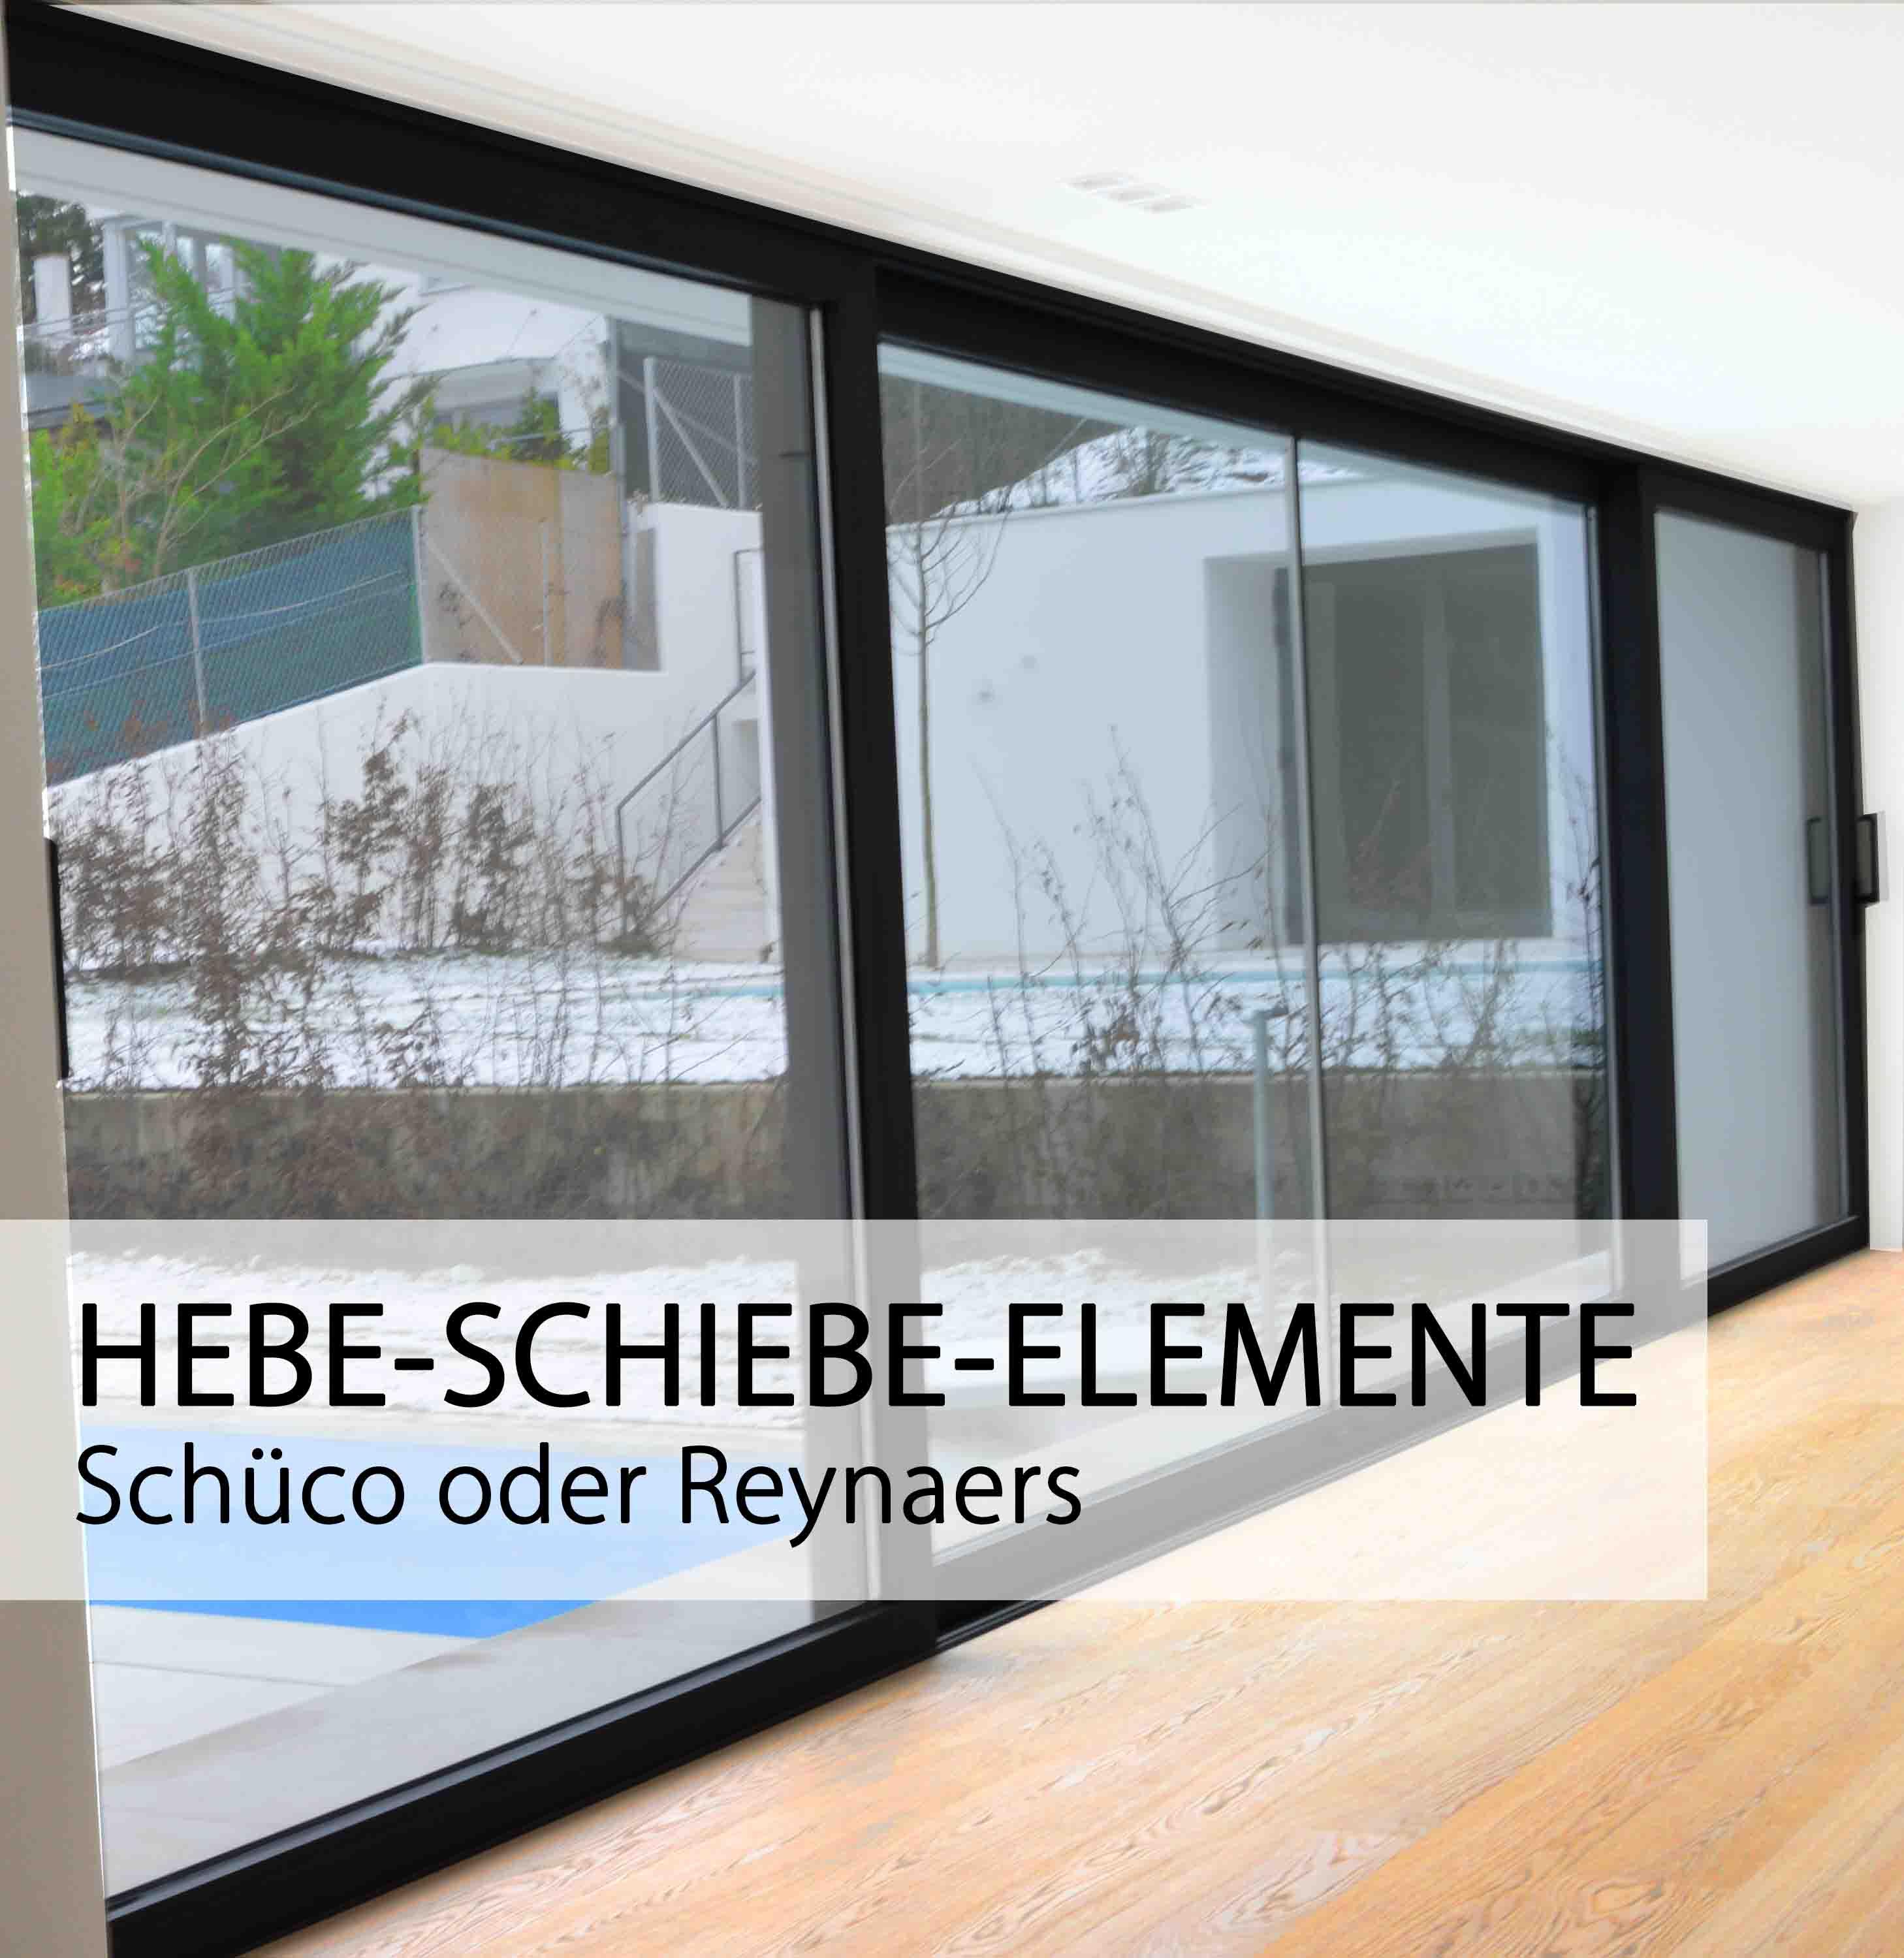 Aluminium Fenster von Schueco